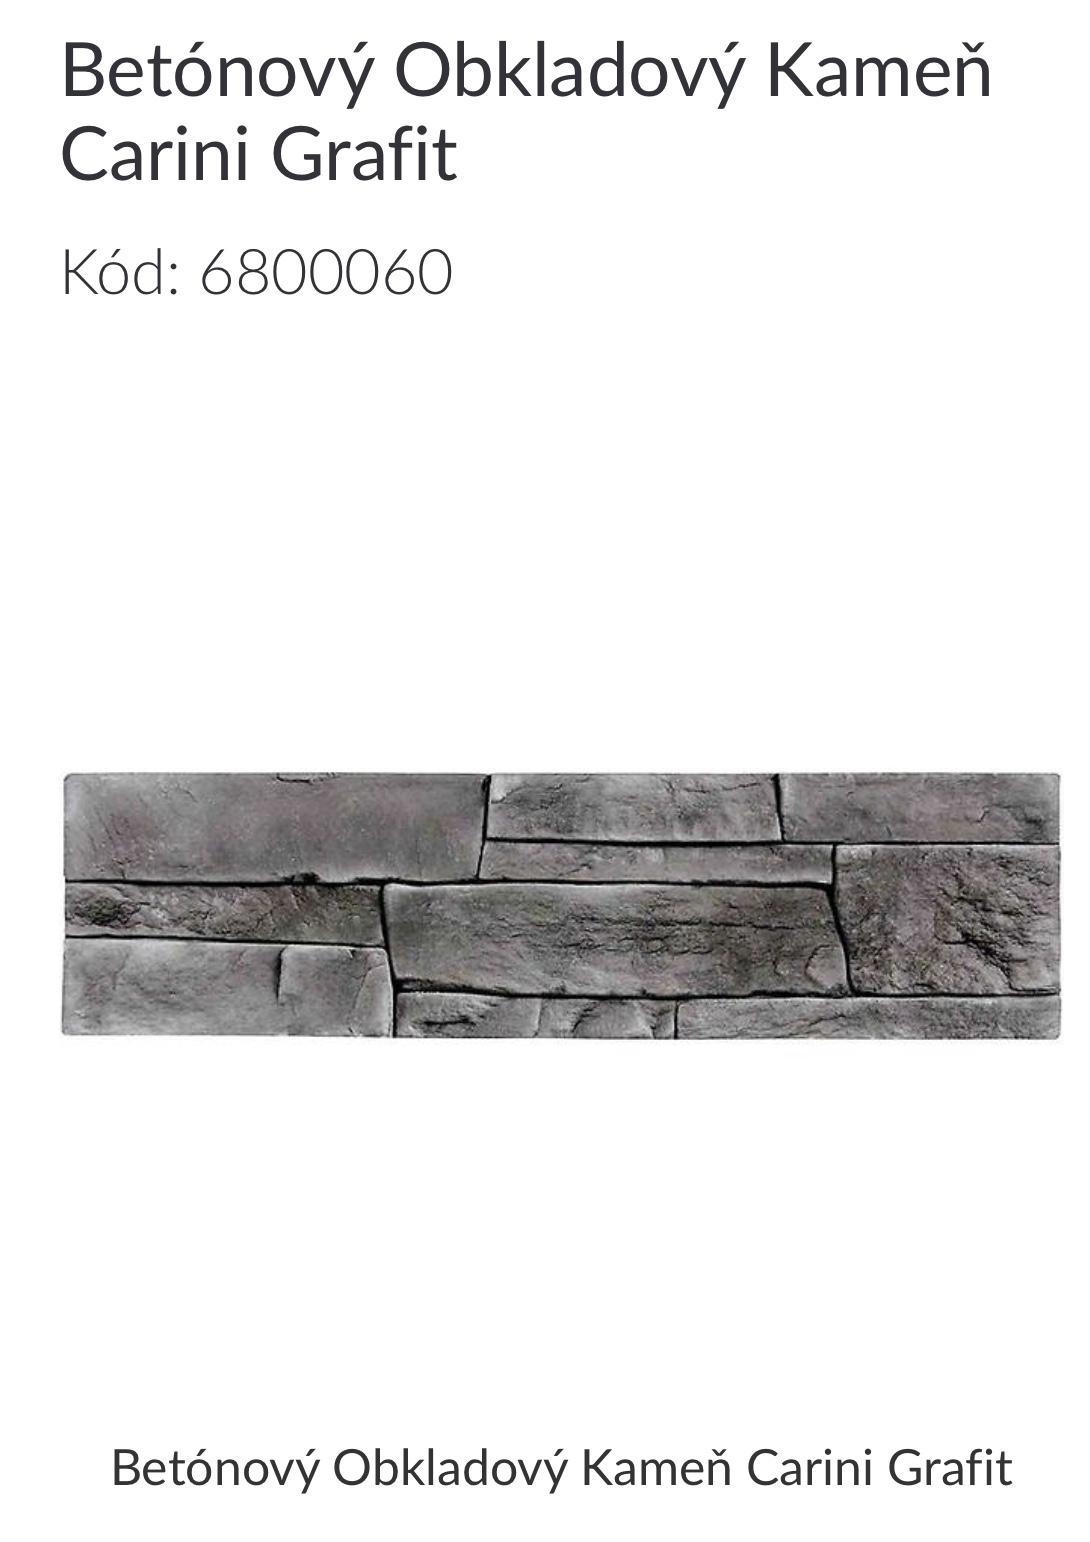 obkladovy kamen - Carini Grafi - Obrázok č. 1